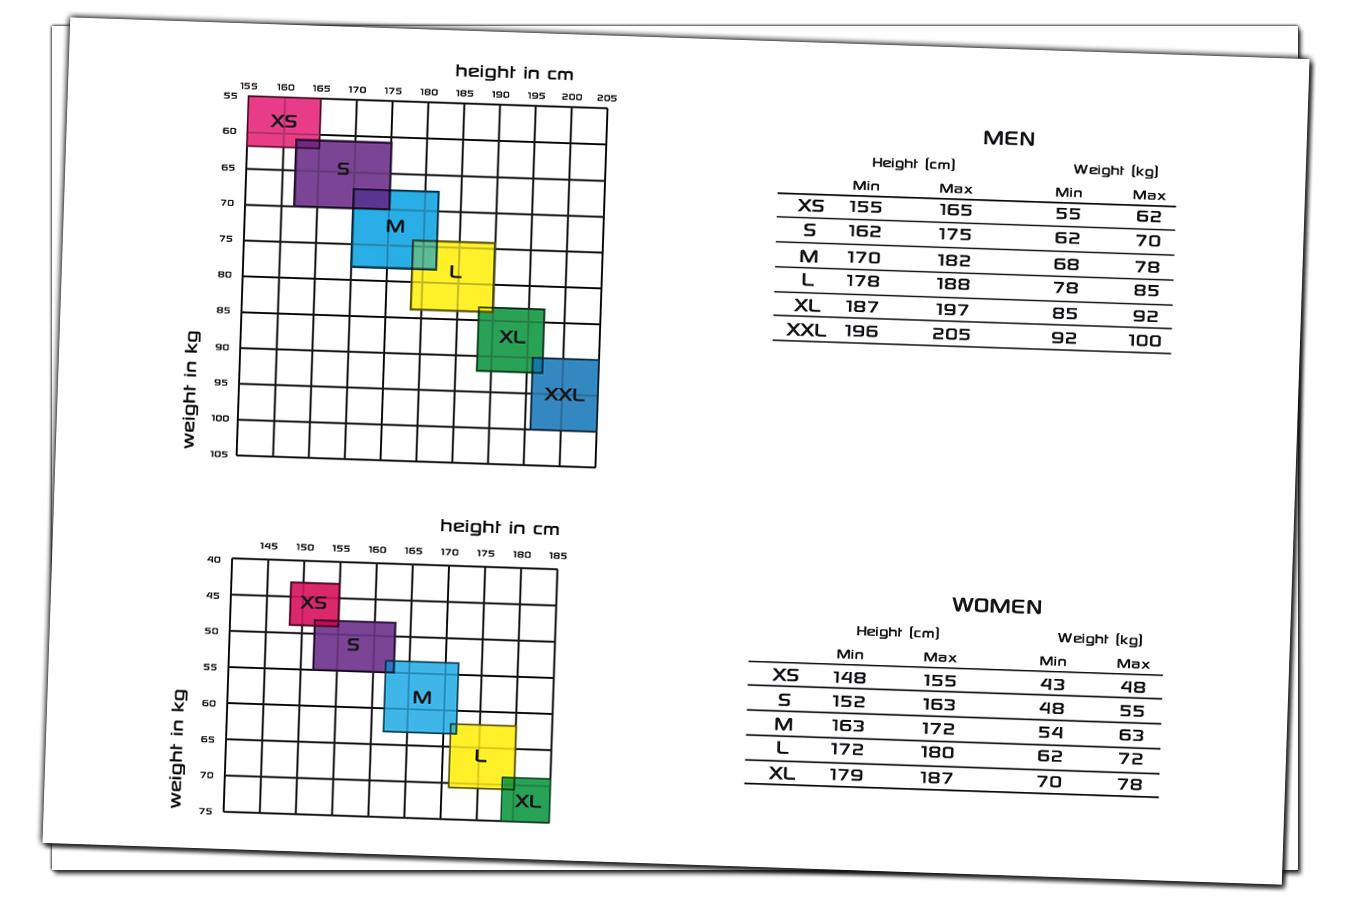 táblázat mérete mínusz a rövidlátás vagy